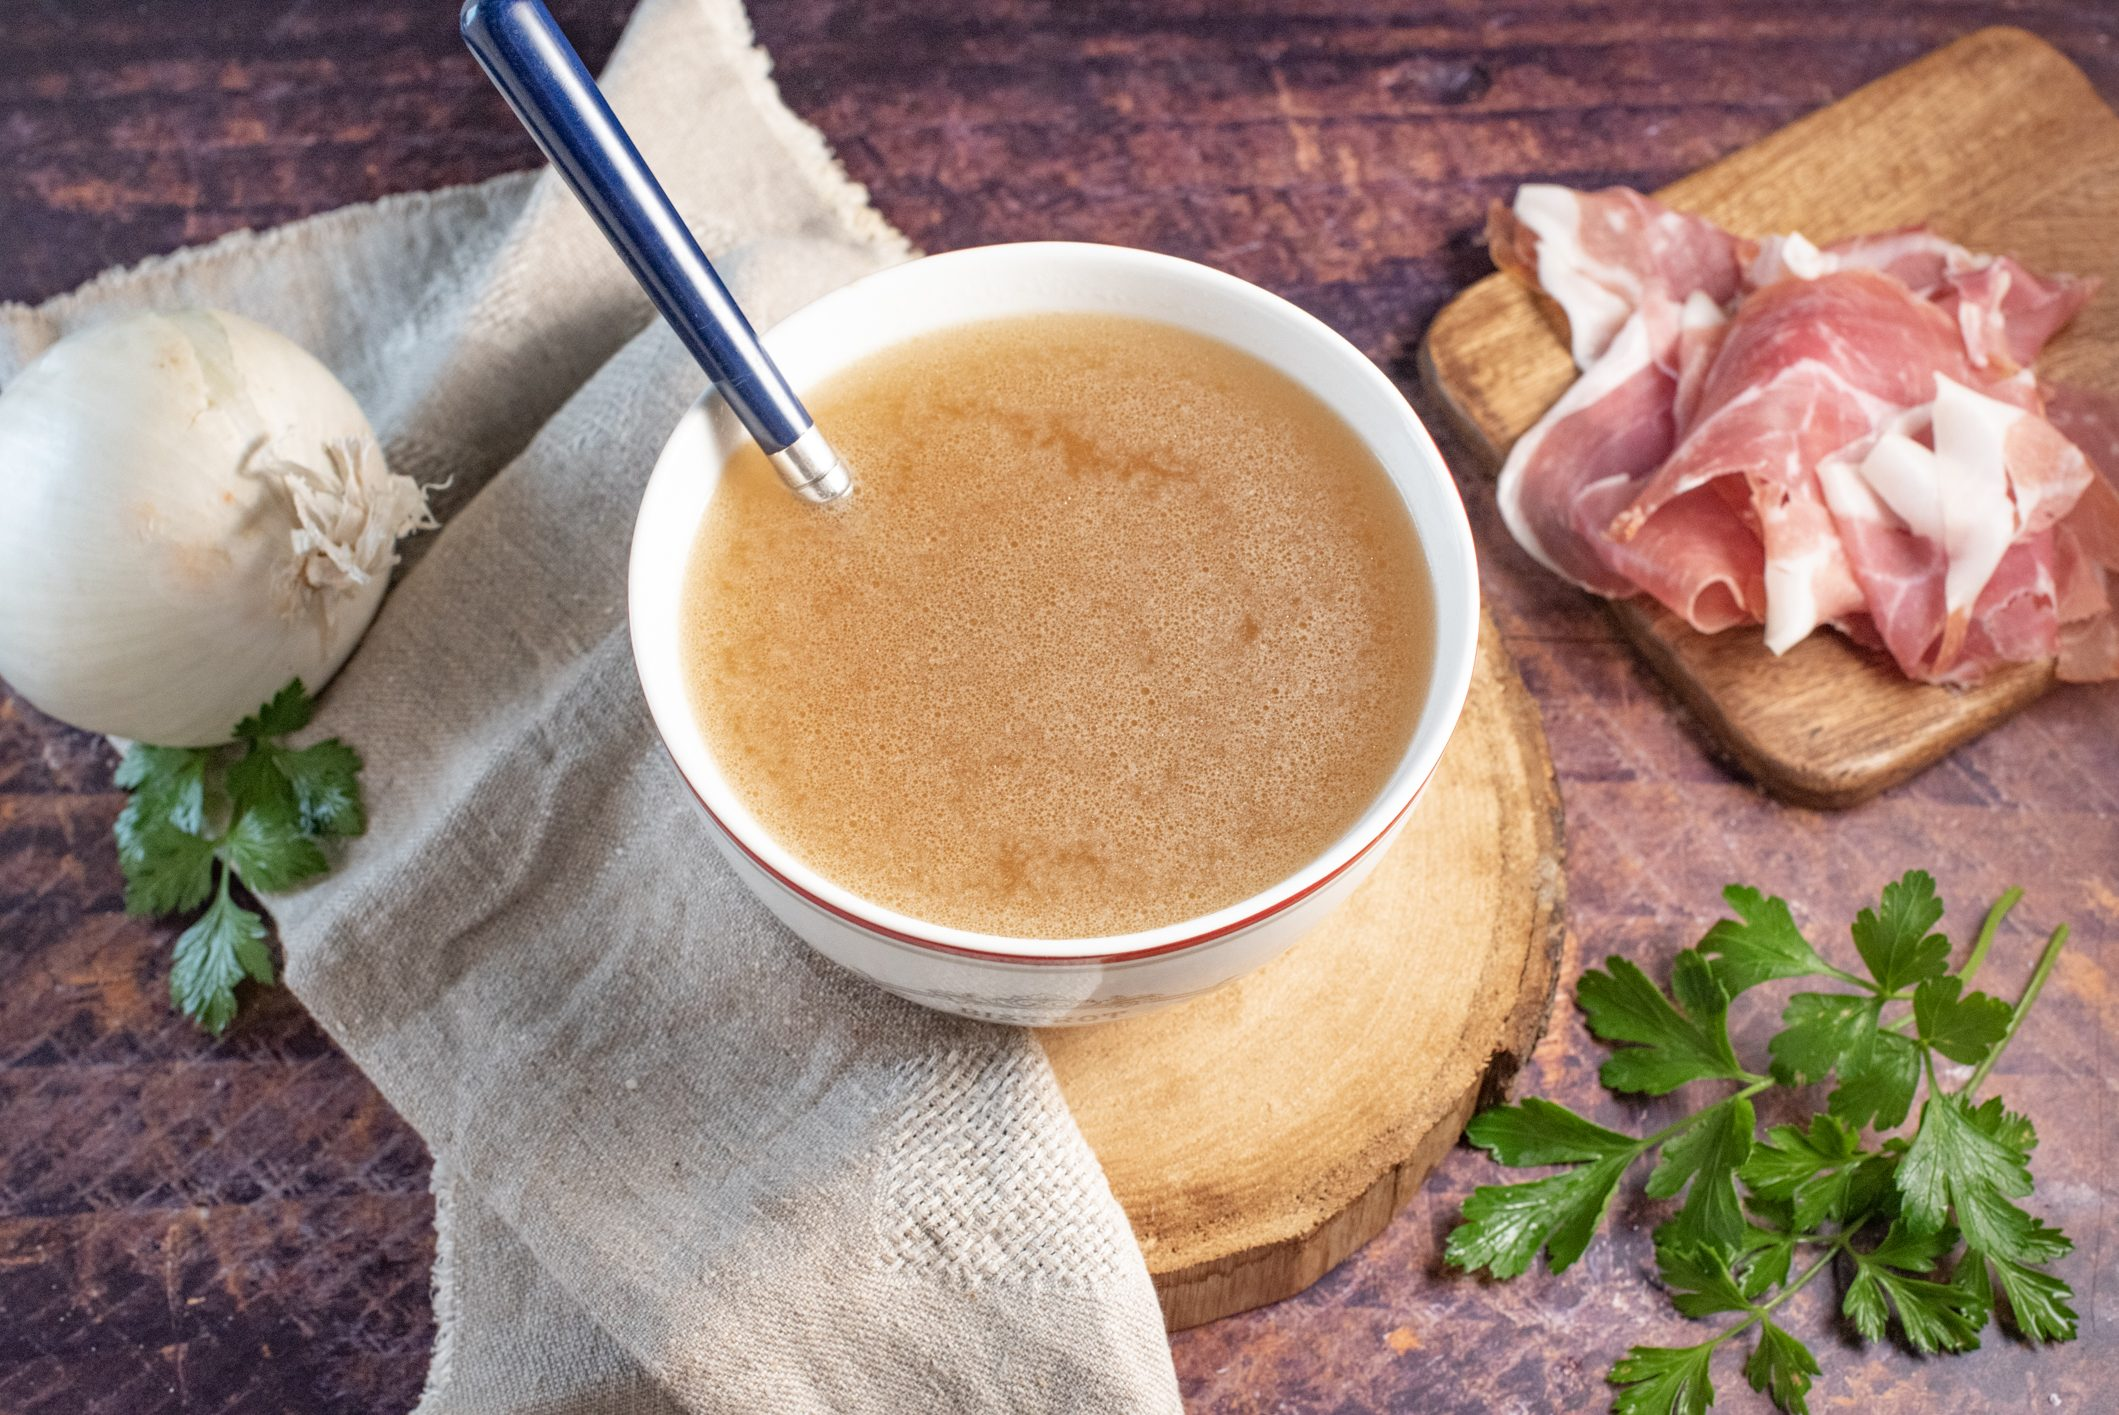 Brodo di prosciutto crudo: la ricetta della preparazione di base versatile e gustosa